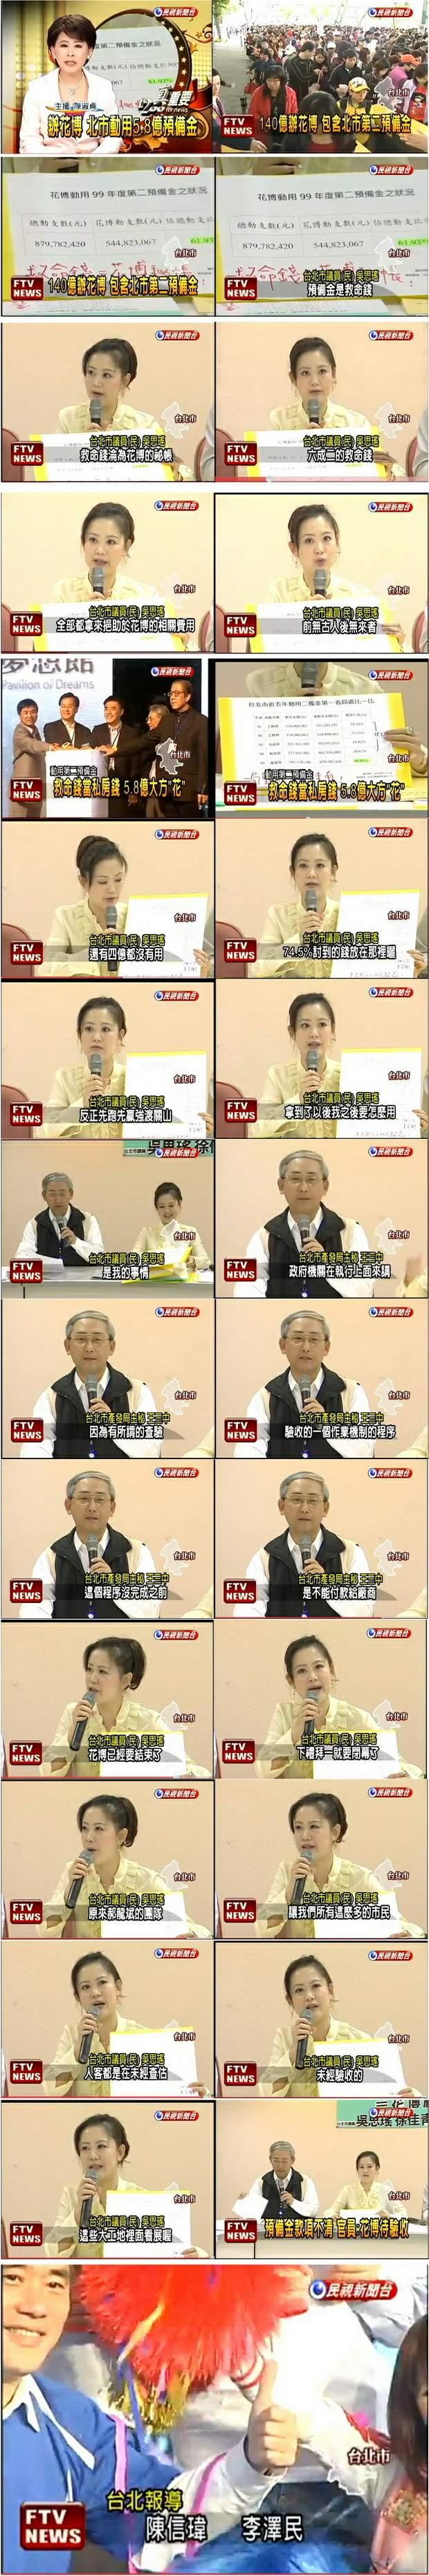 辦花博 北市動用5.8億預備金-2011.04.21-02.jpg